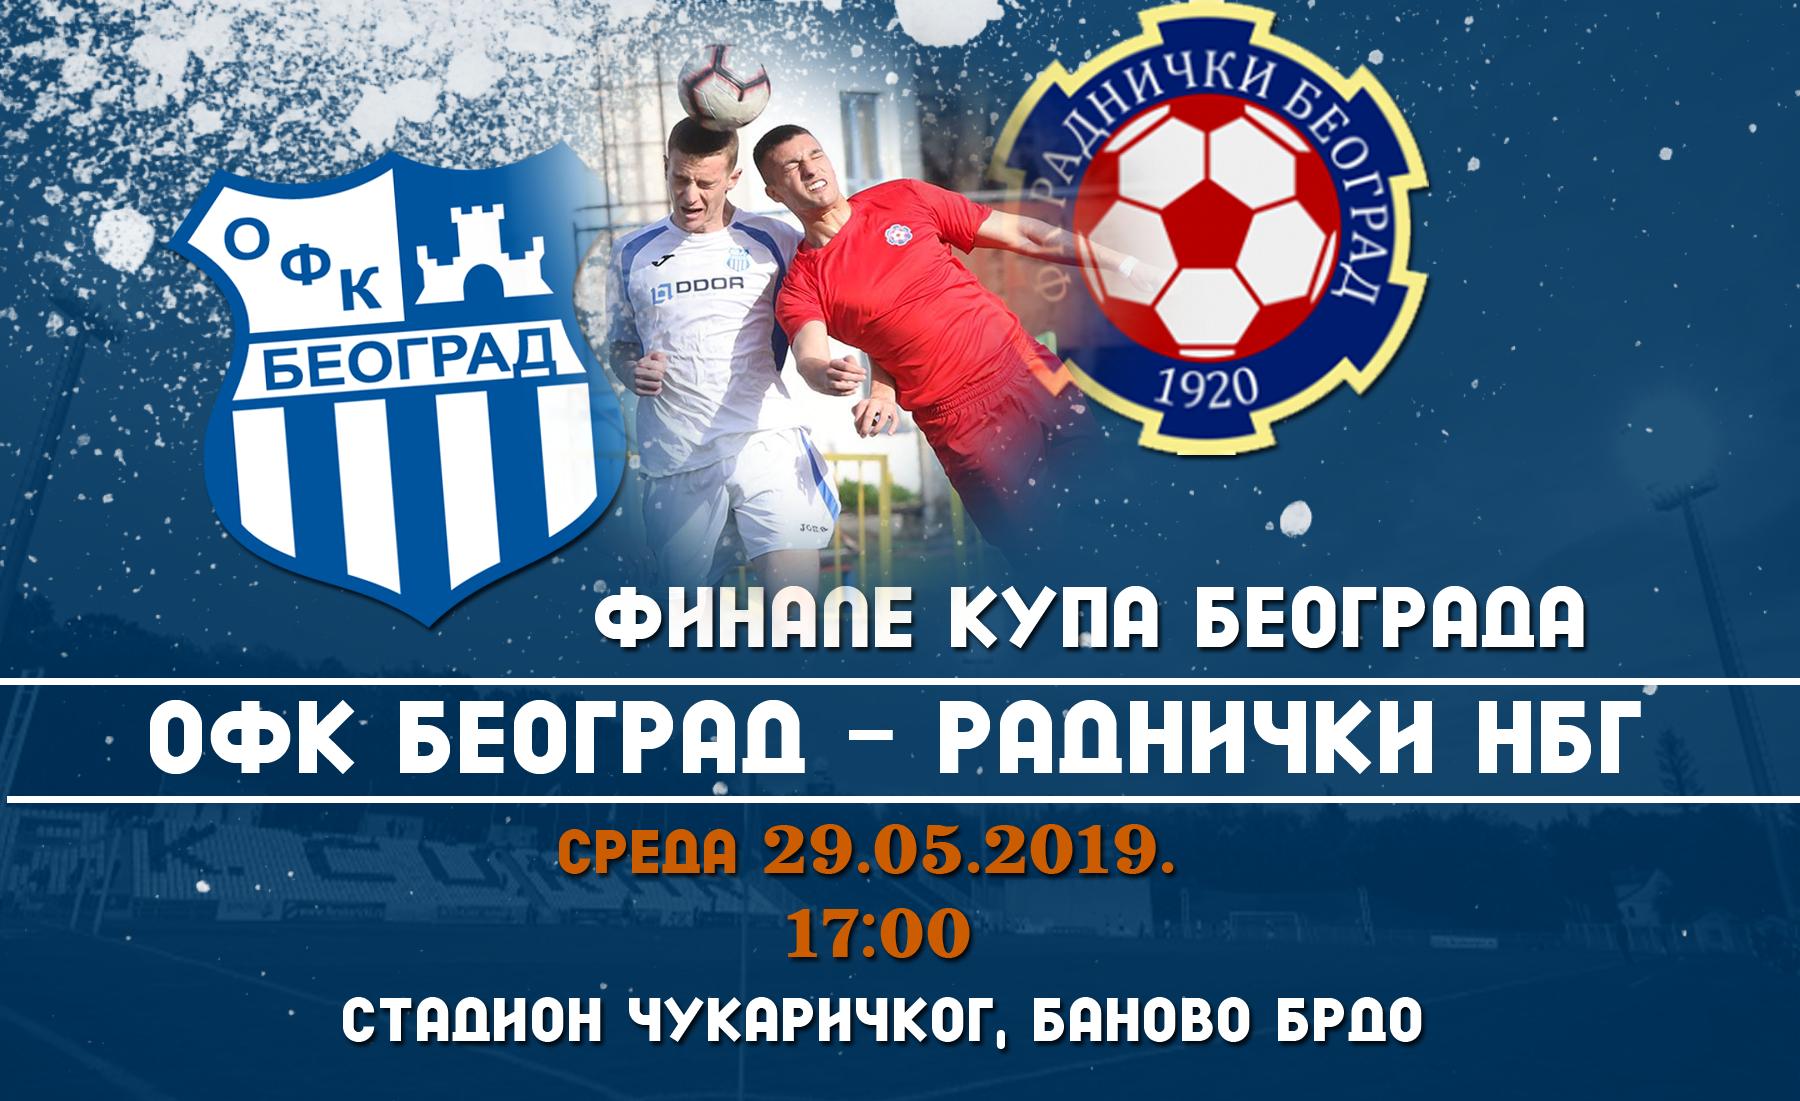 ФИНАЛЕ КУПА. Време је за трофеј, Београде!